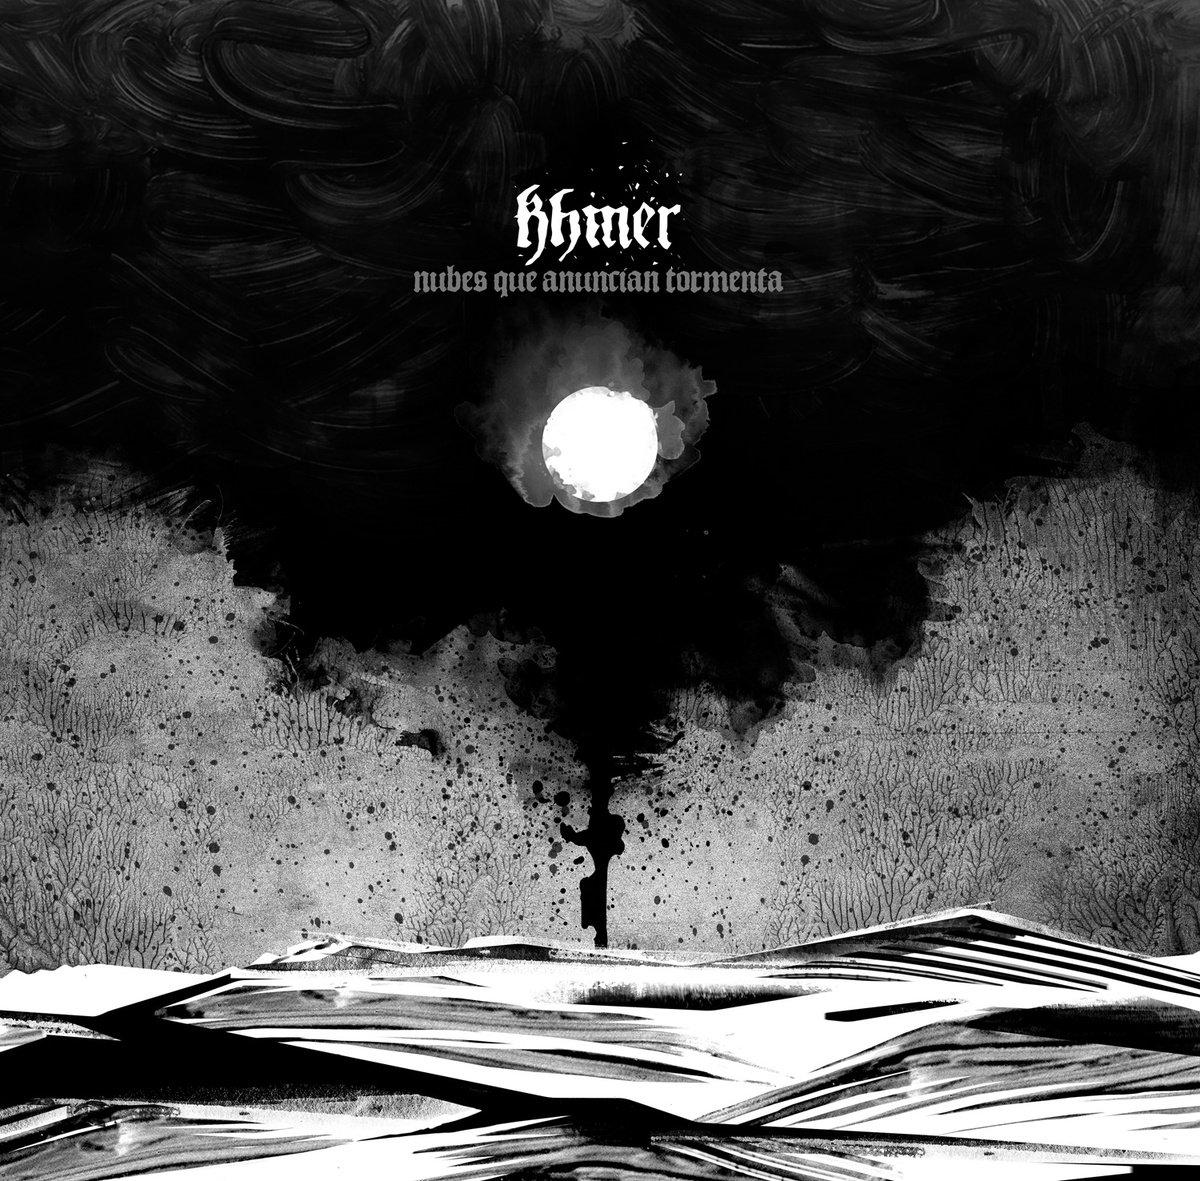 Khmer - La Jauria @ 'Nubes Que Anuncian Tormenta' album (metal, spain)